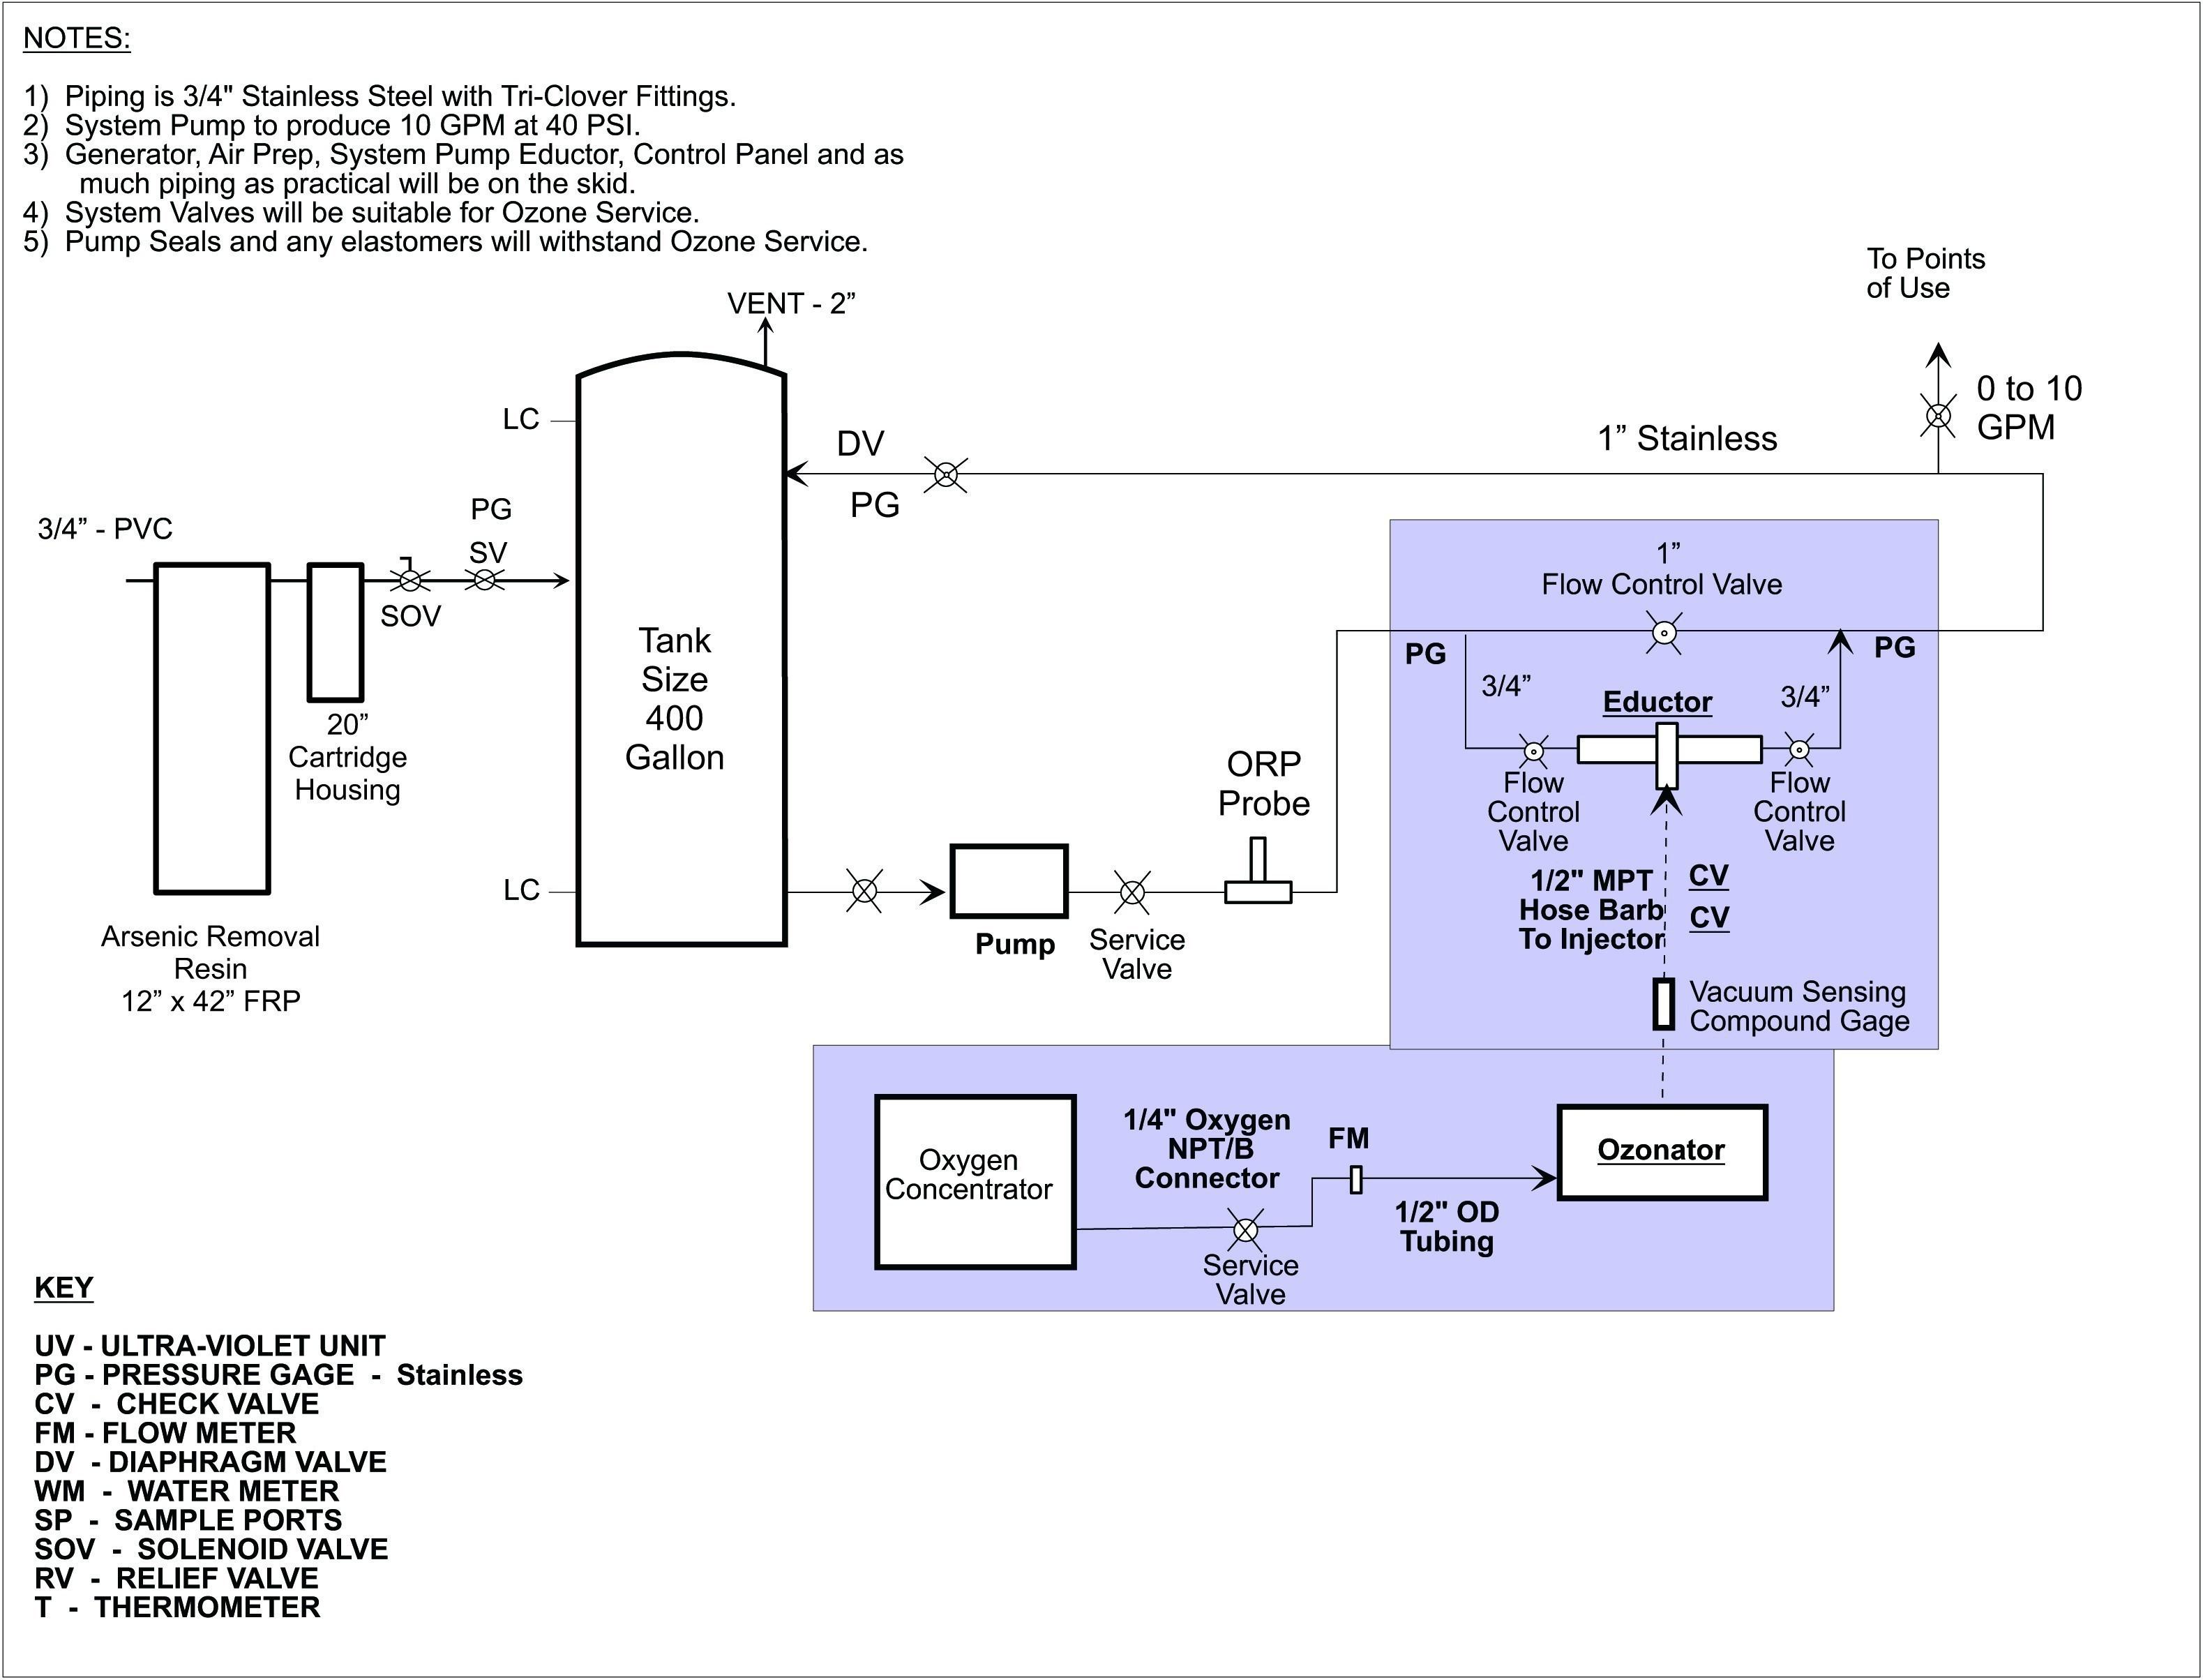 4 3 Vortec Engine Diagram 2 2 4 Twin Cam Engine Diagram Reinvent Your Wiring Diagram • Of 4 3 Vortec Engine Diagram 2